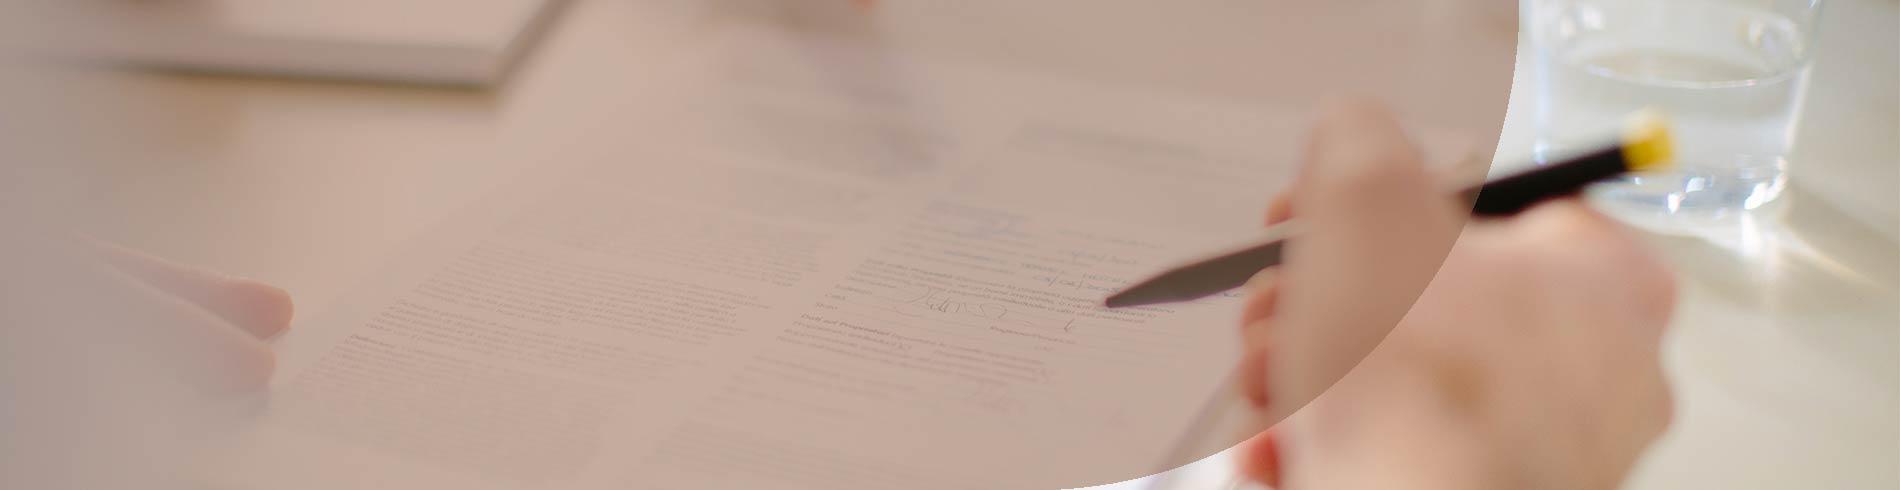 Seguro de protección y defensa jurídica familiar